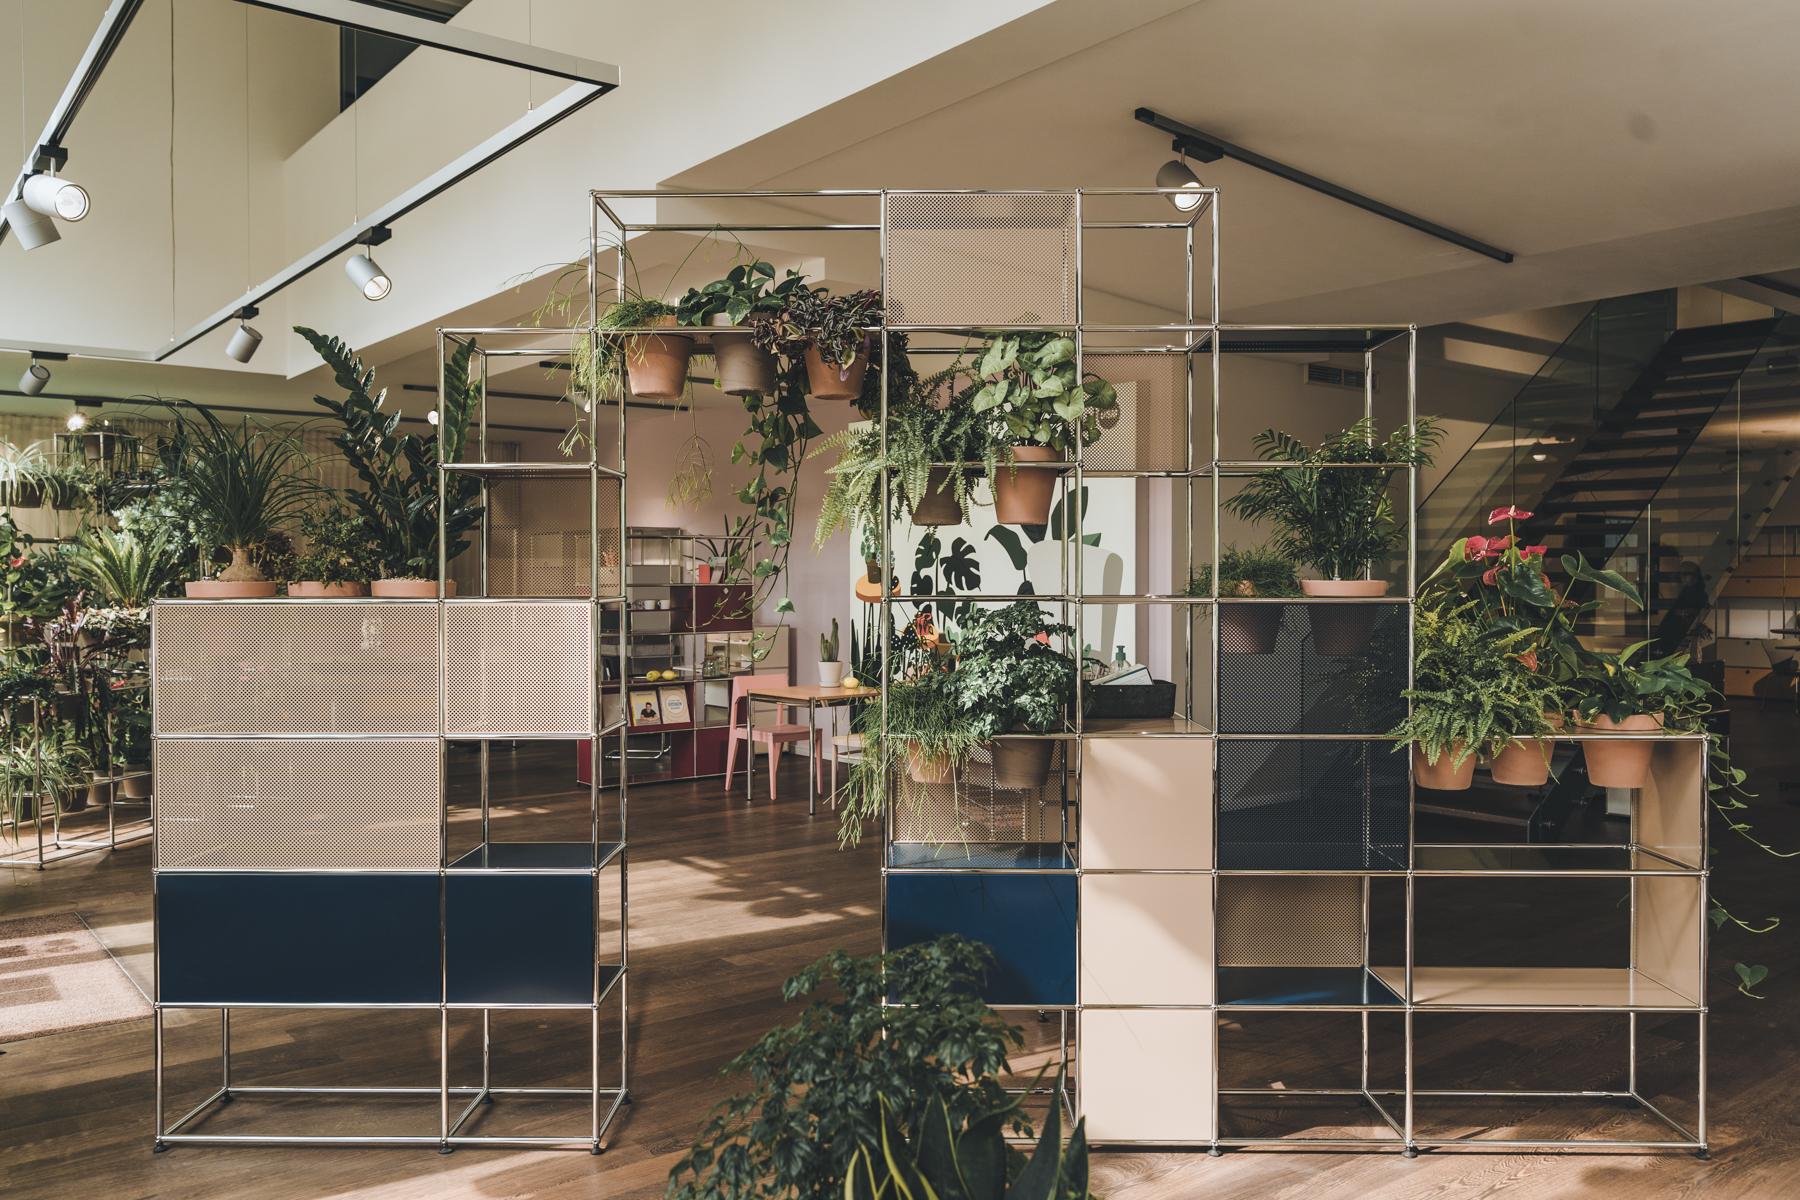 Geheimtipp Muenchen Laeden Interieur USMShowroom 4 – ©wunderland media GmbH